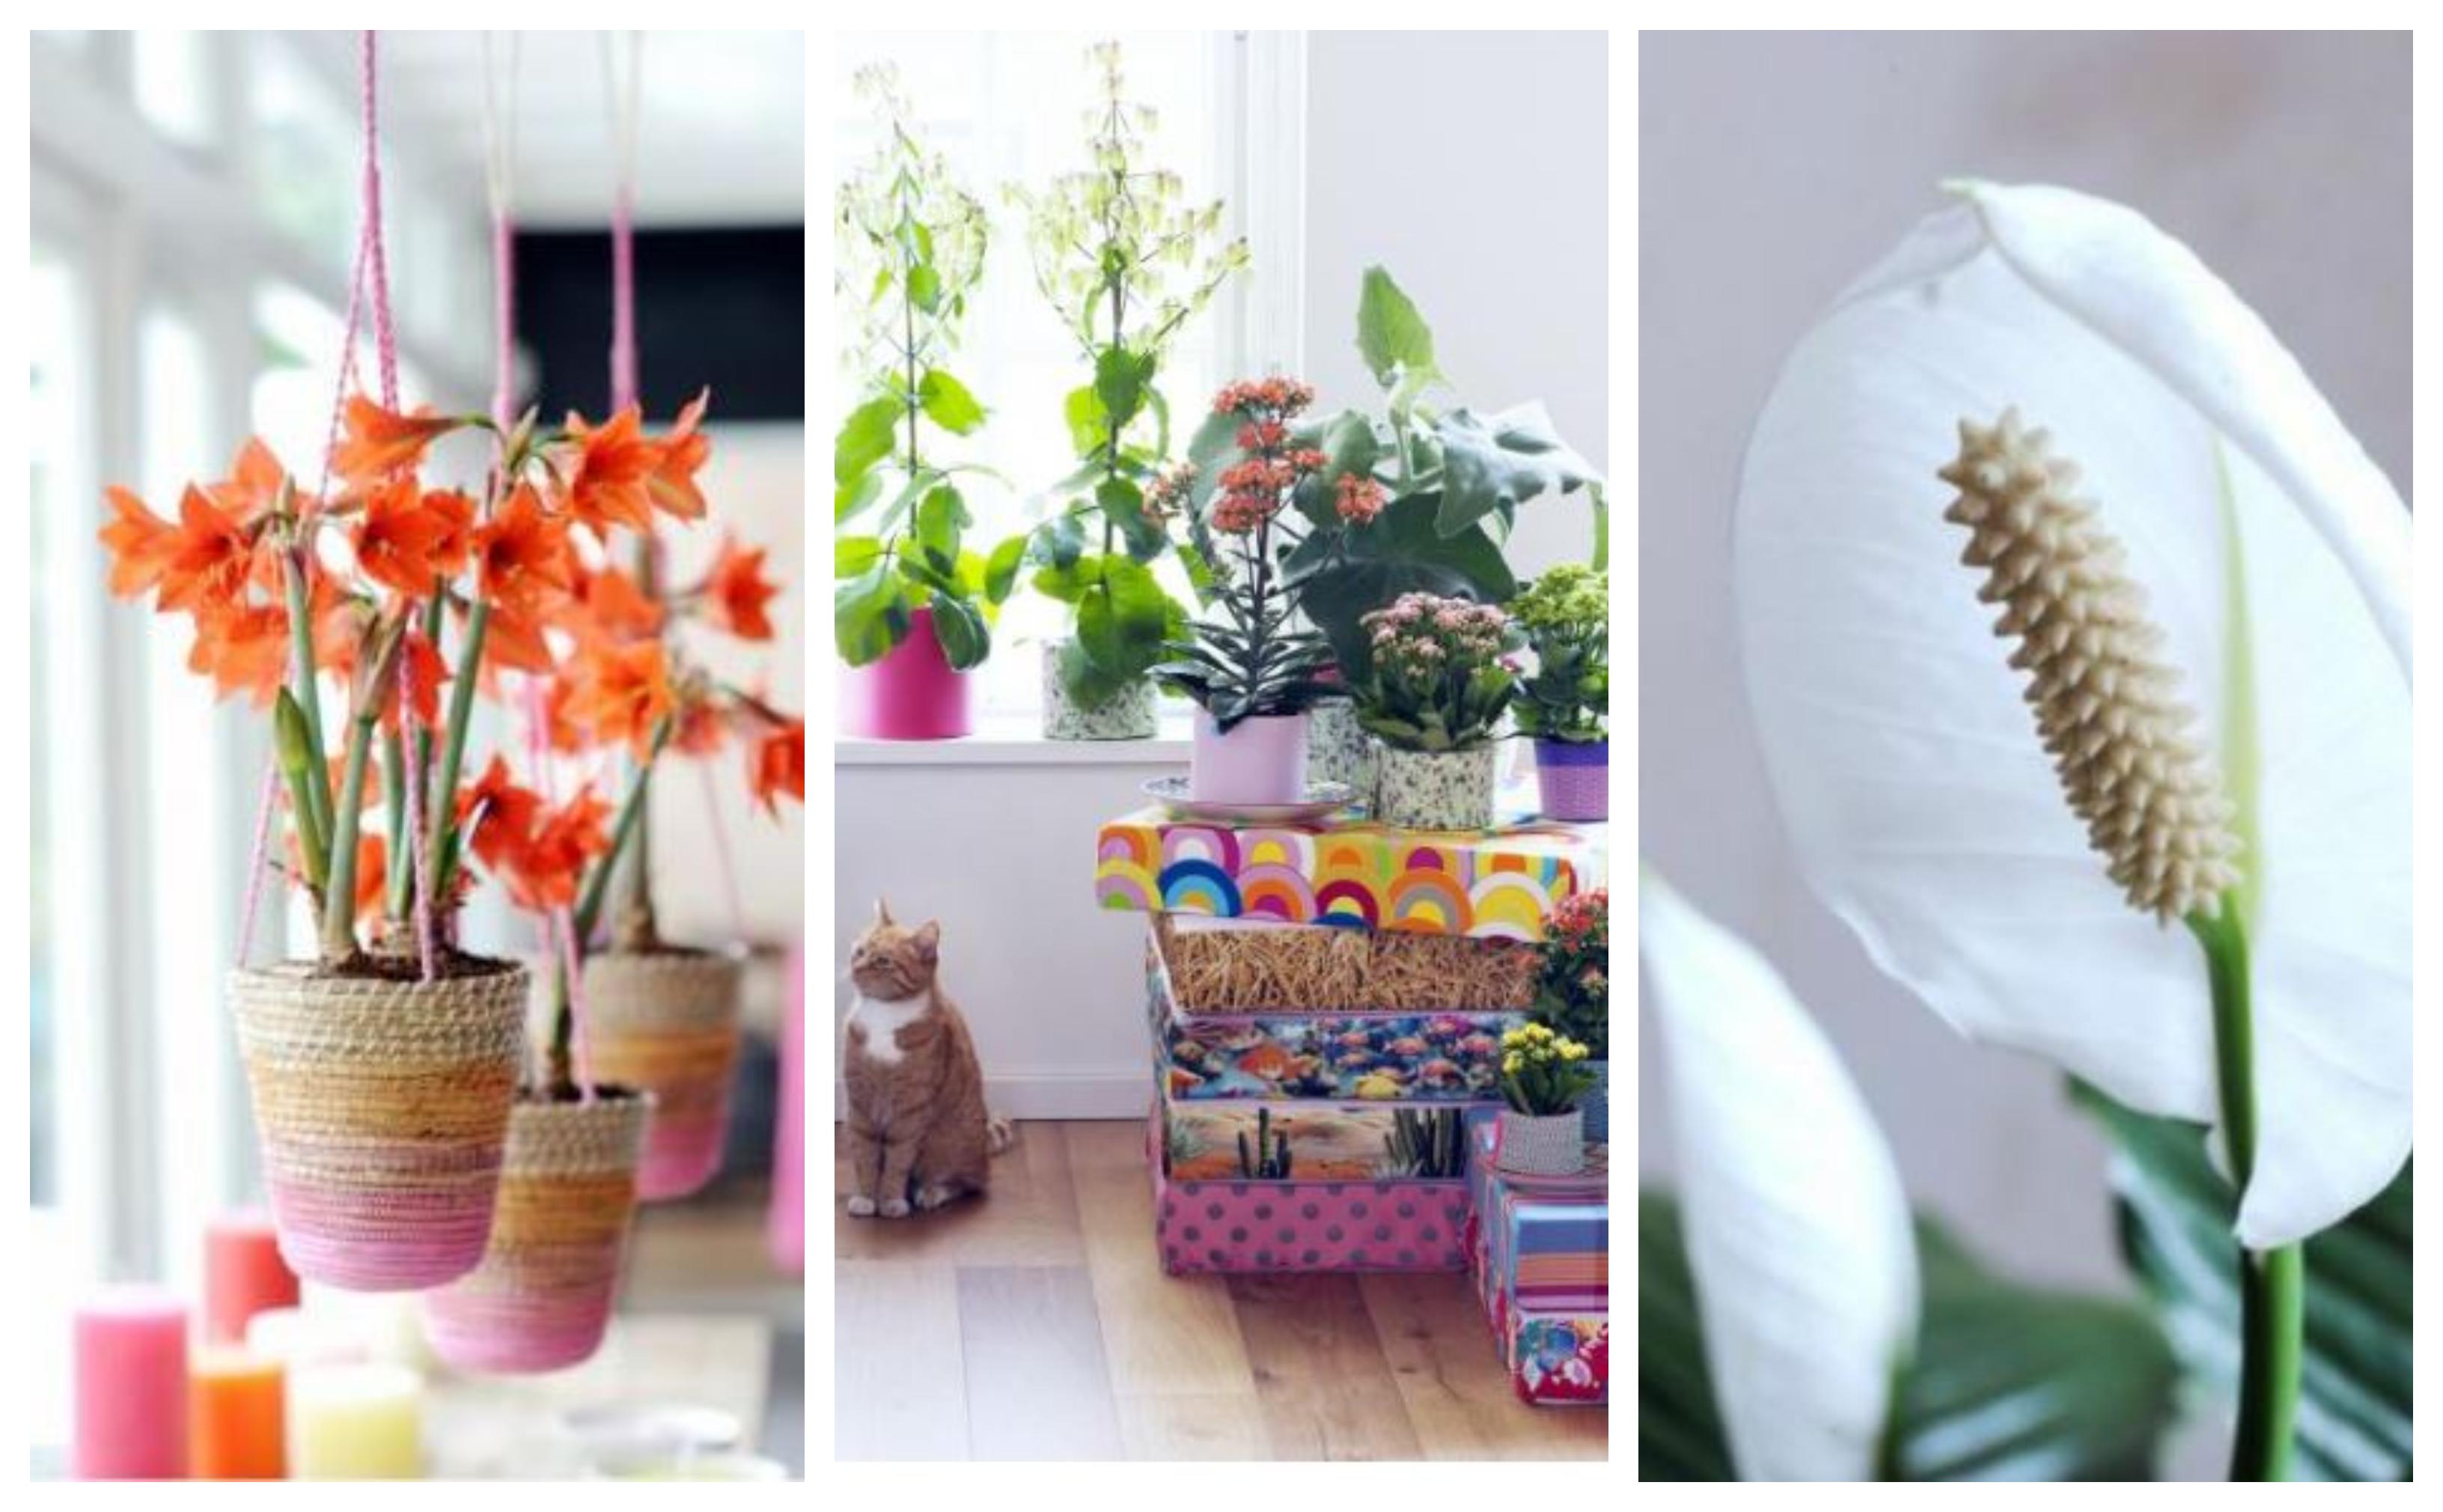 De mooiste kamerplanten voor de winter